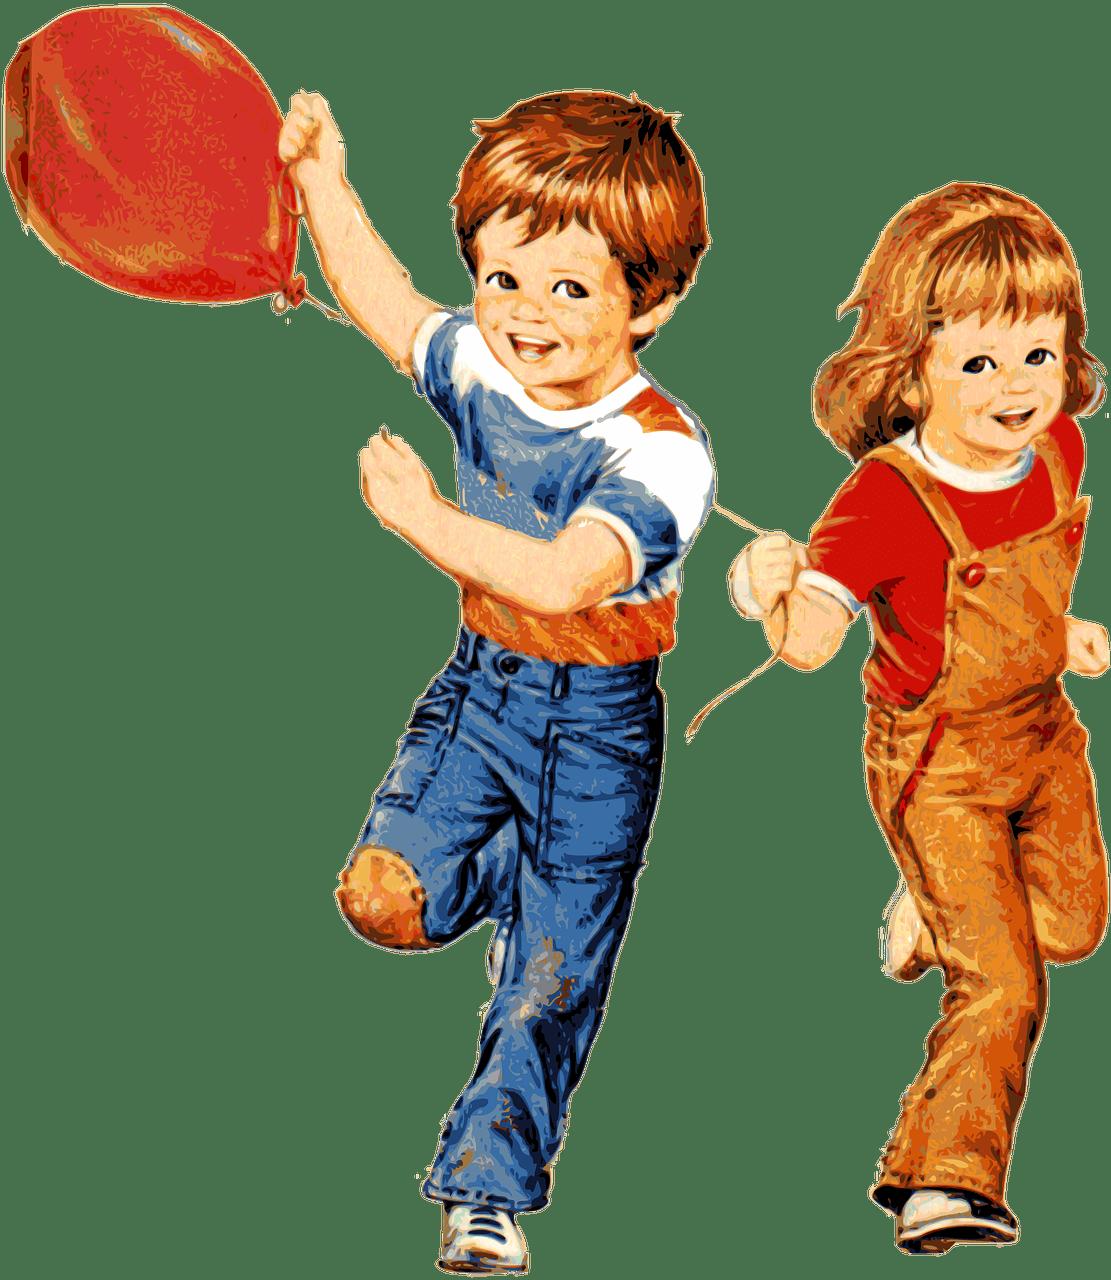 Картинка с мальчиком и девочкой, джек рассел